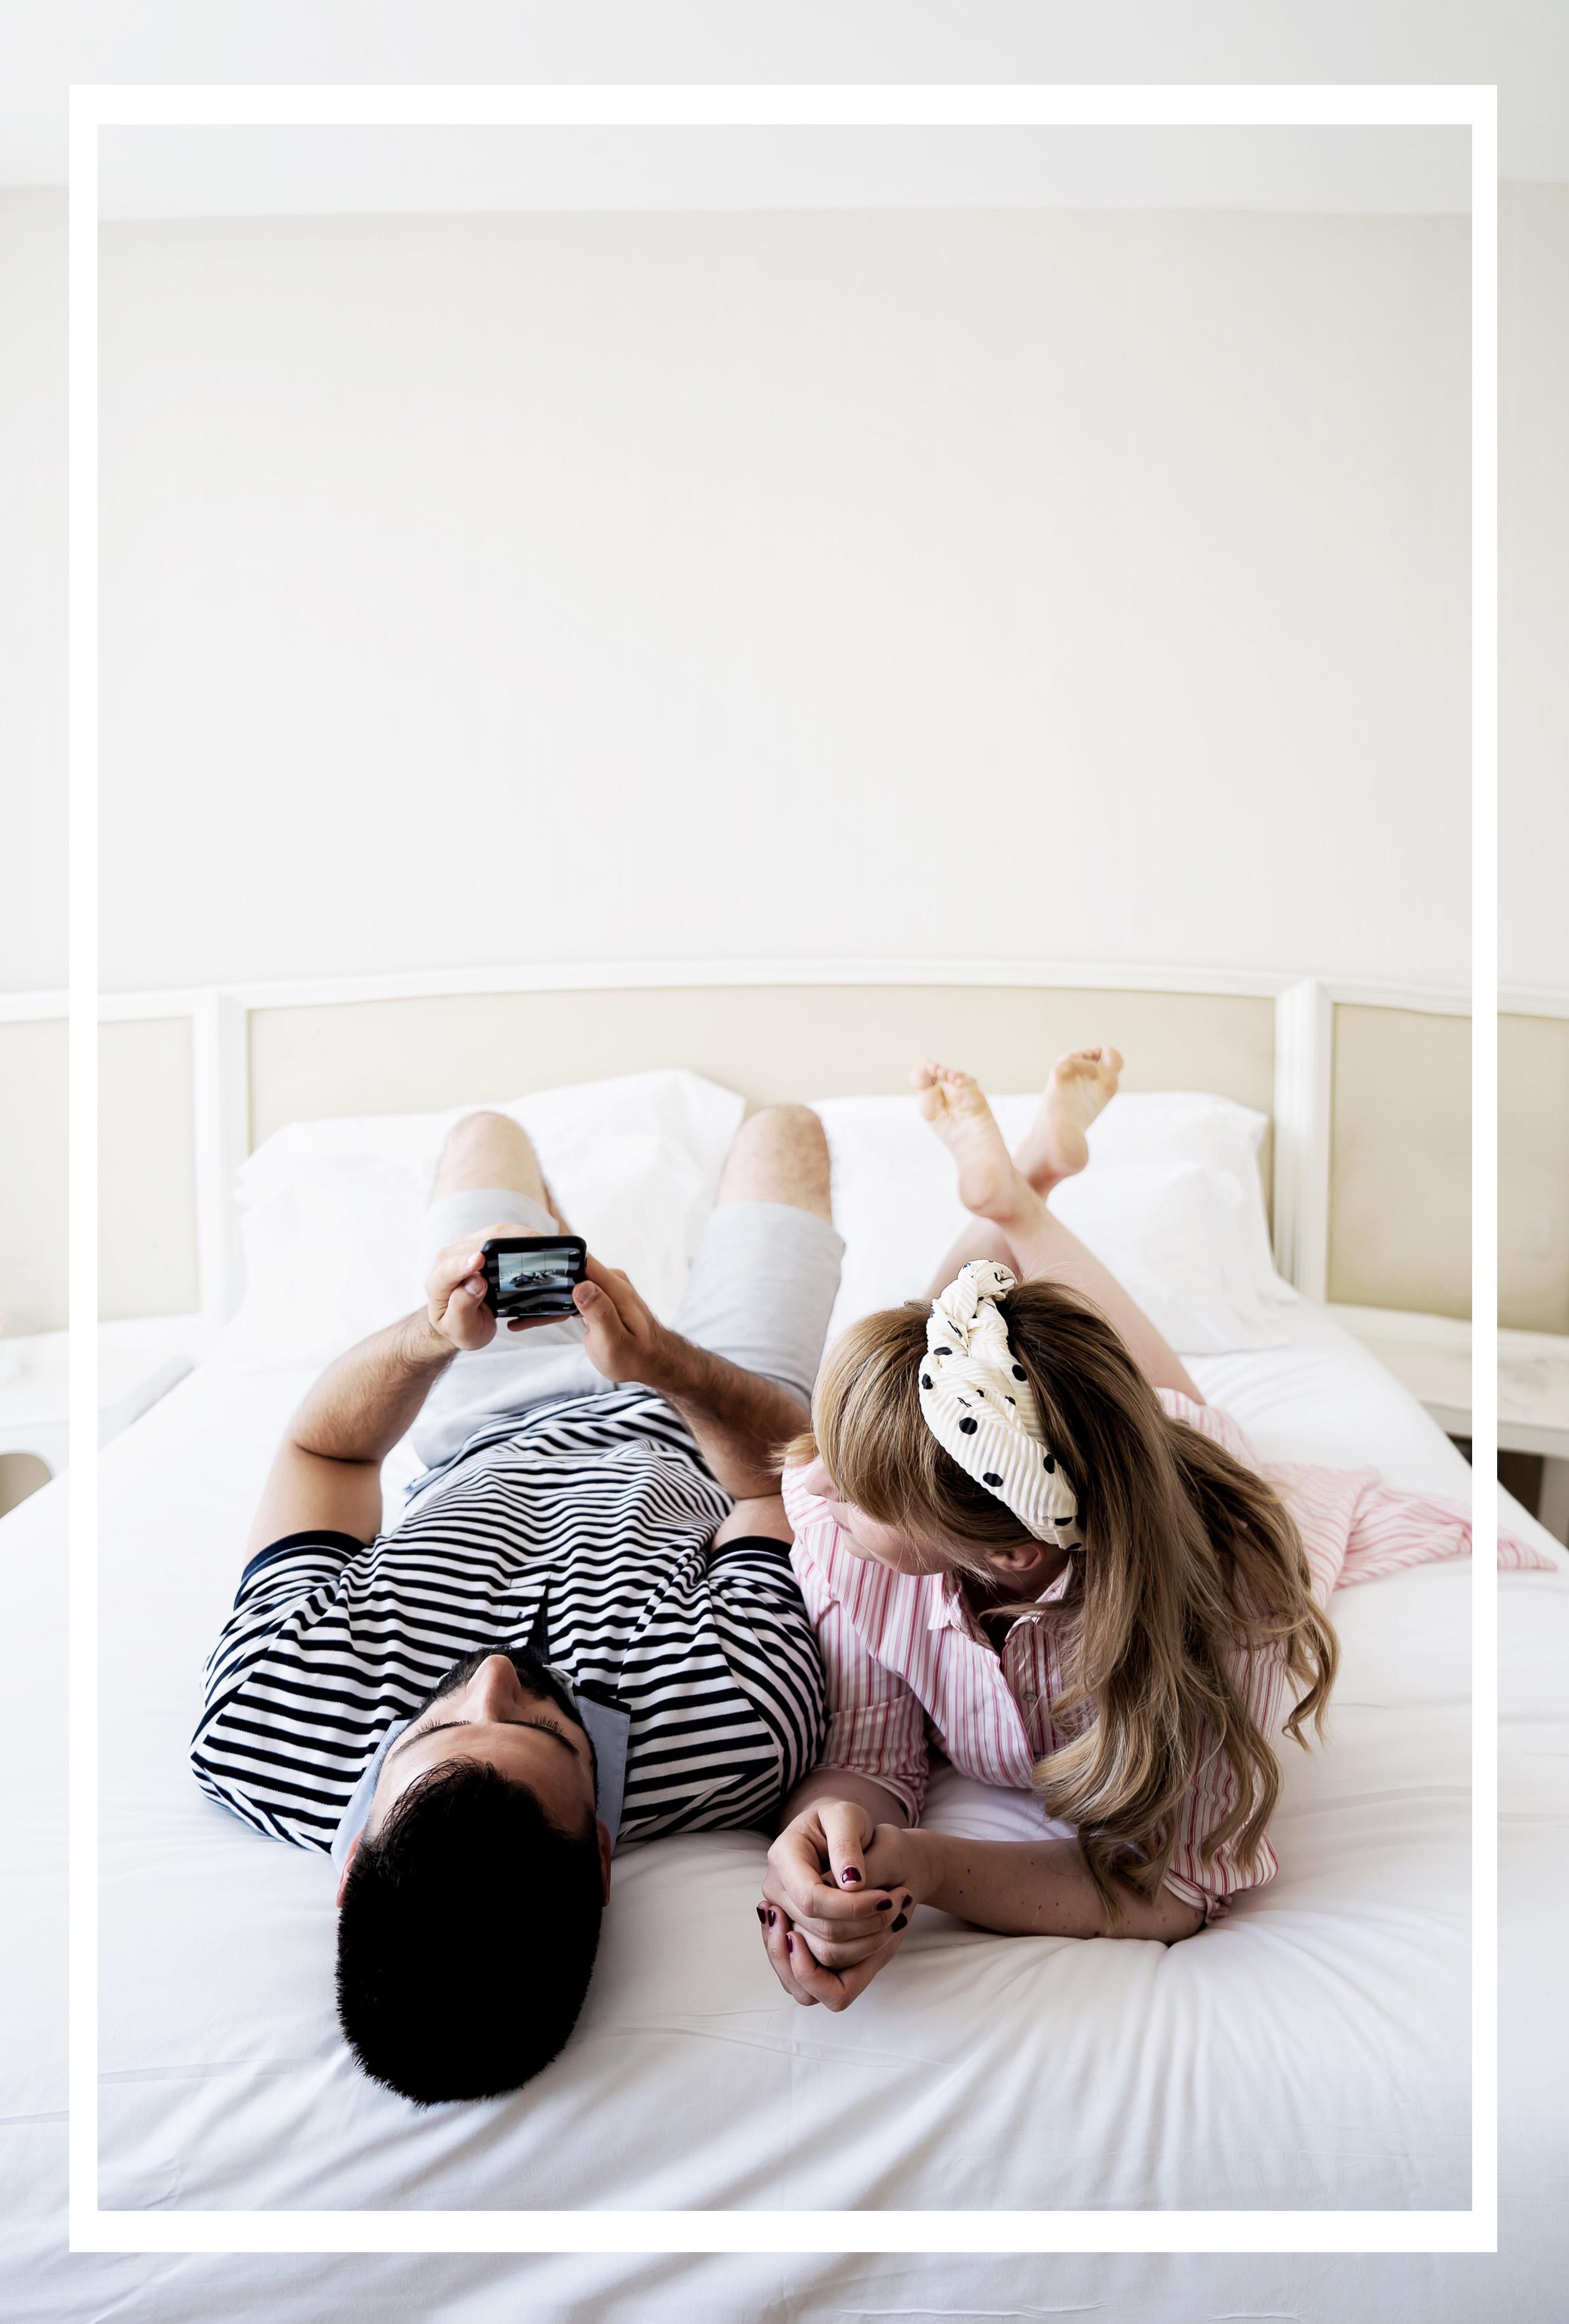 kann man als paar gl cklich sein und zusammen arbeiten. Black Bedroom Furniture Sets. Home Design Ideas